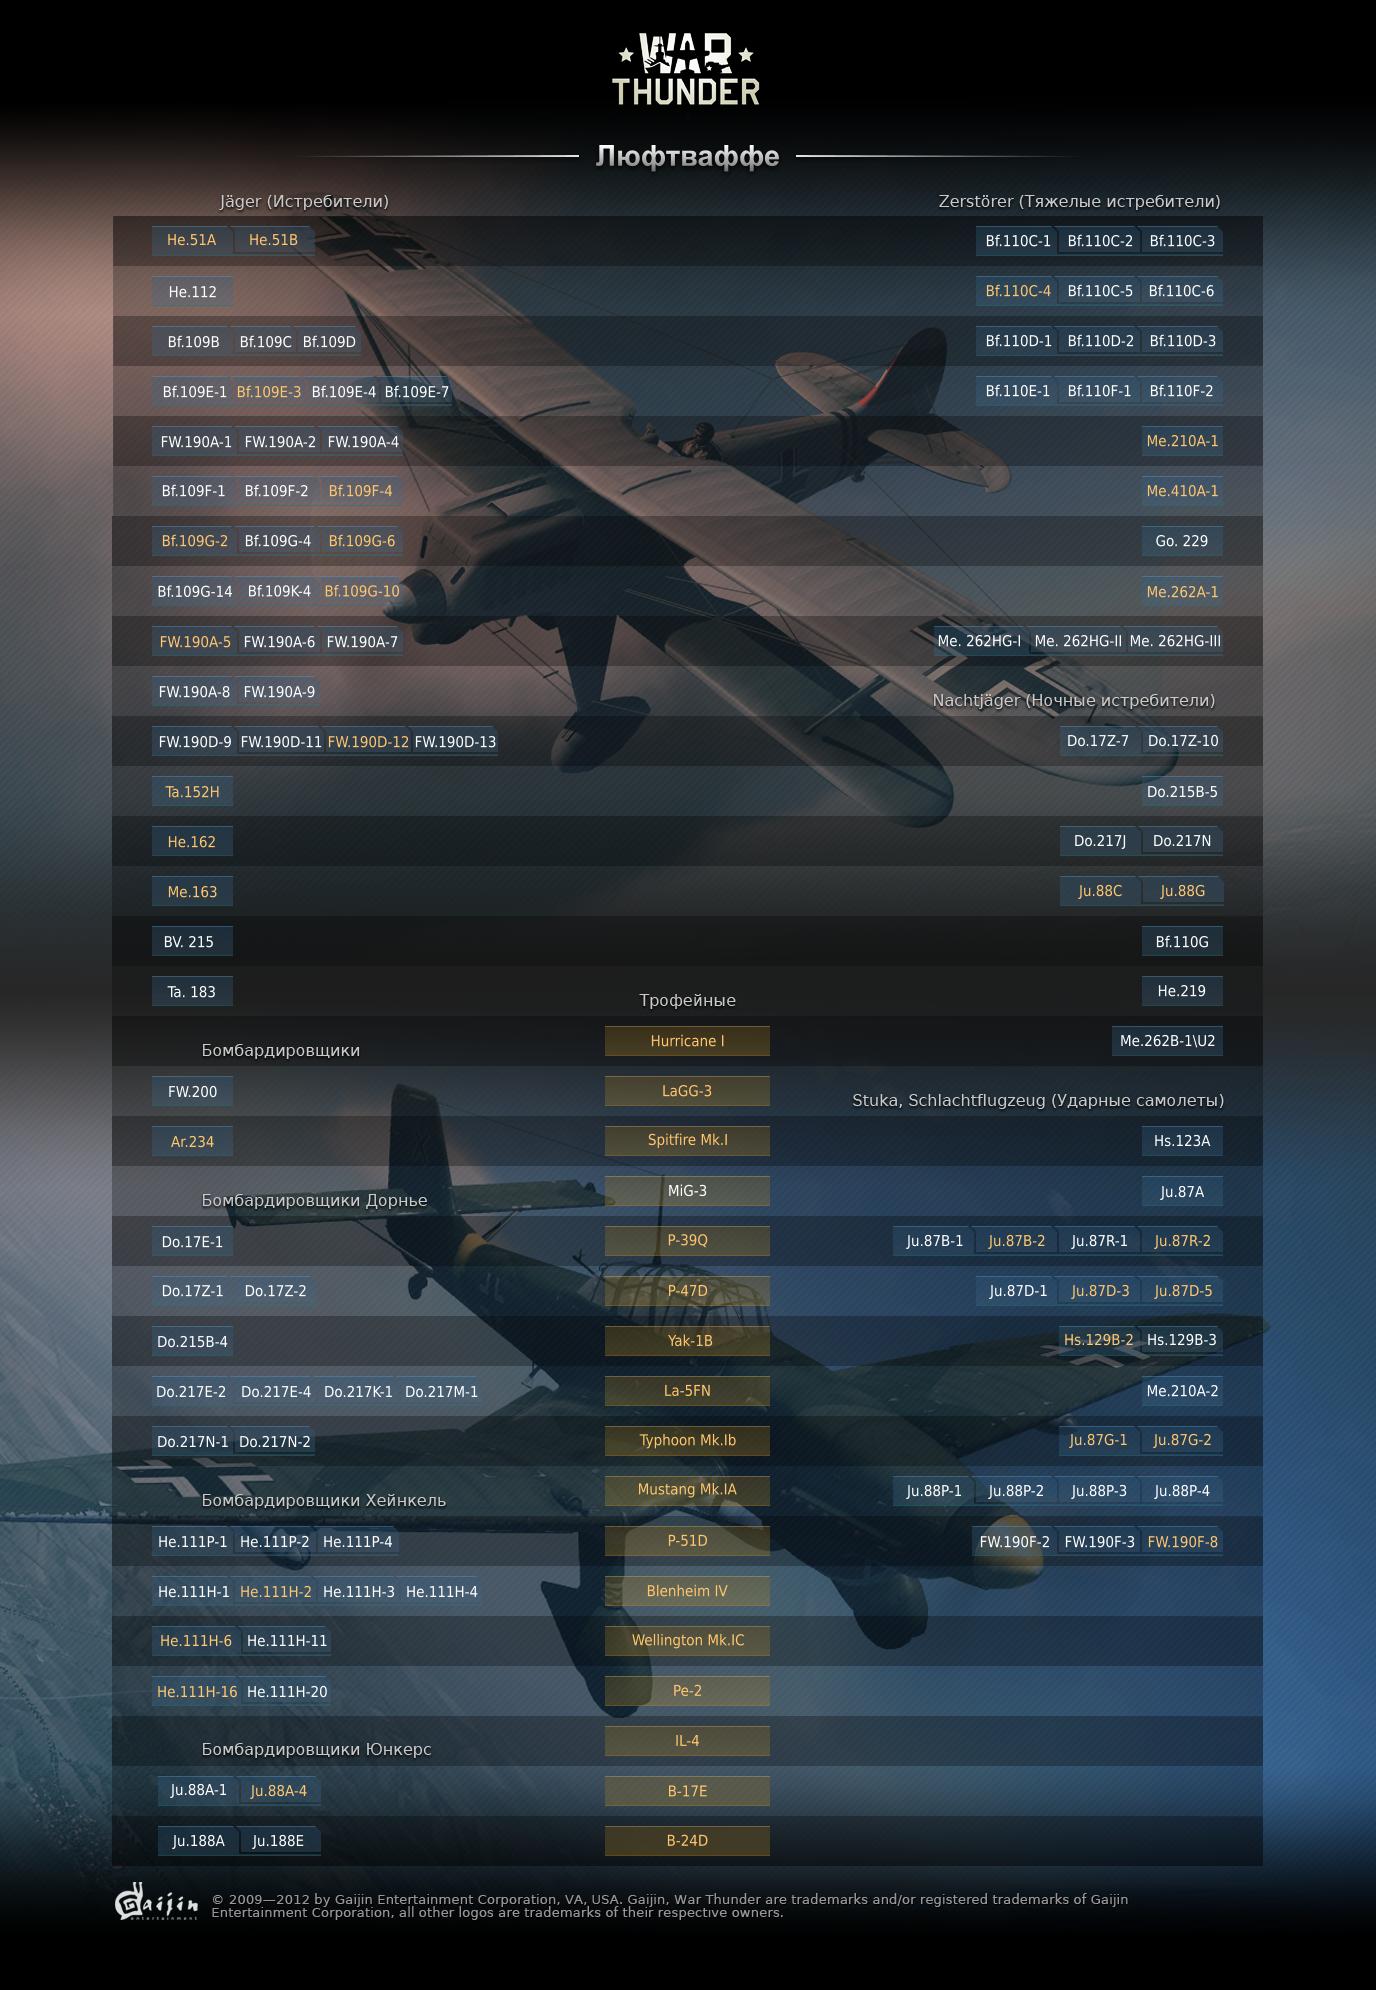 ветка самолетов германии в вар тандер